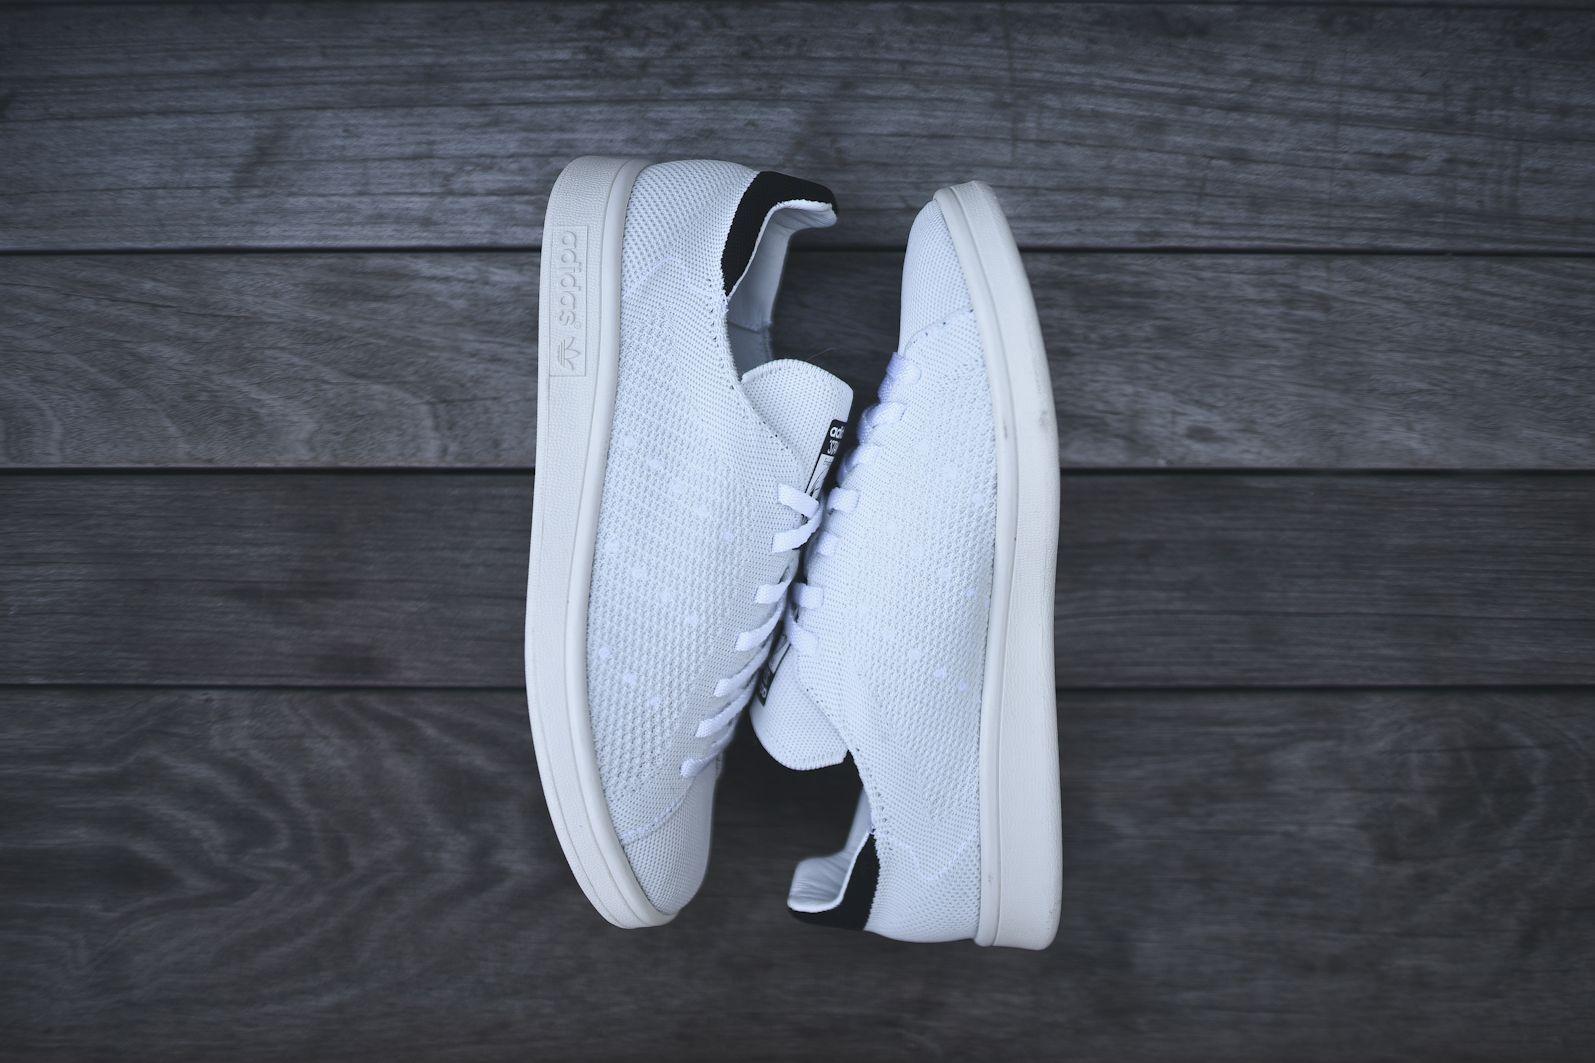 adidas nmd r1 primeknit men adidas stan smith for men white